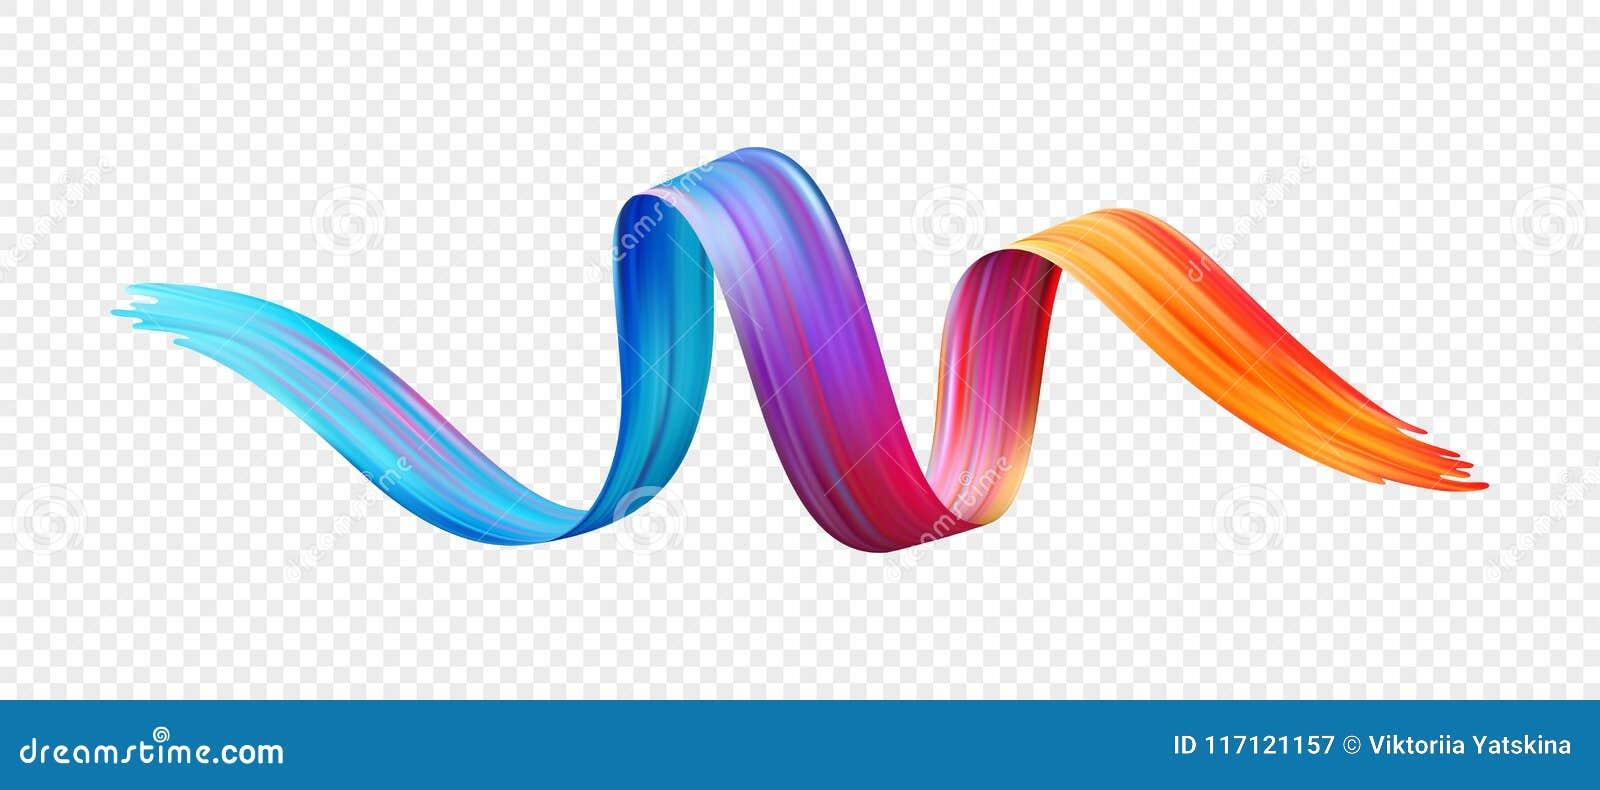 Πετρέλαιο χρώματος brushstroke ή ακρυλικό στοιχείο σχεδίου χρωμάτων επίσης corel σύρετε το διάνυσμα απεικόνισης